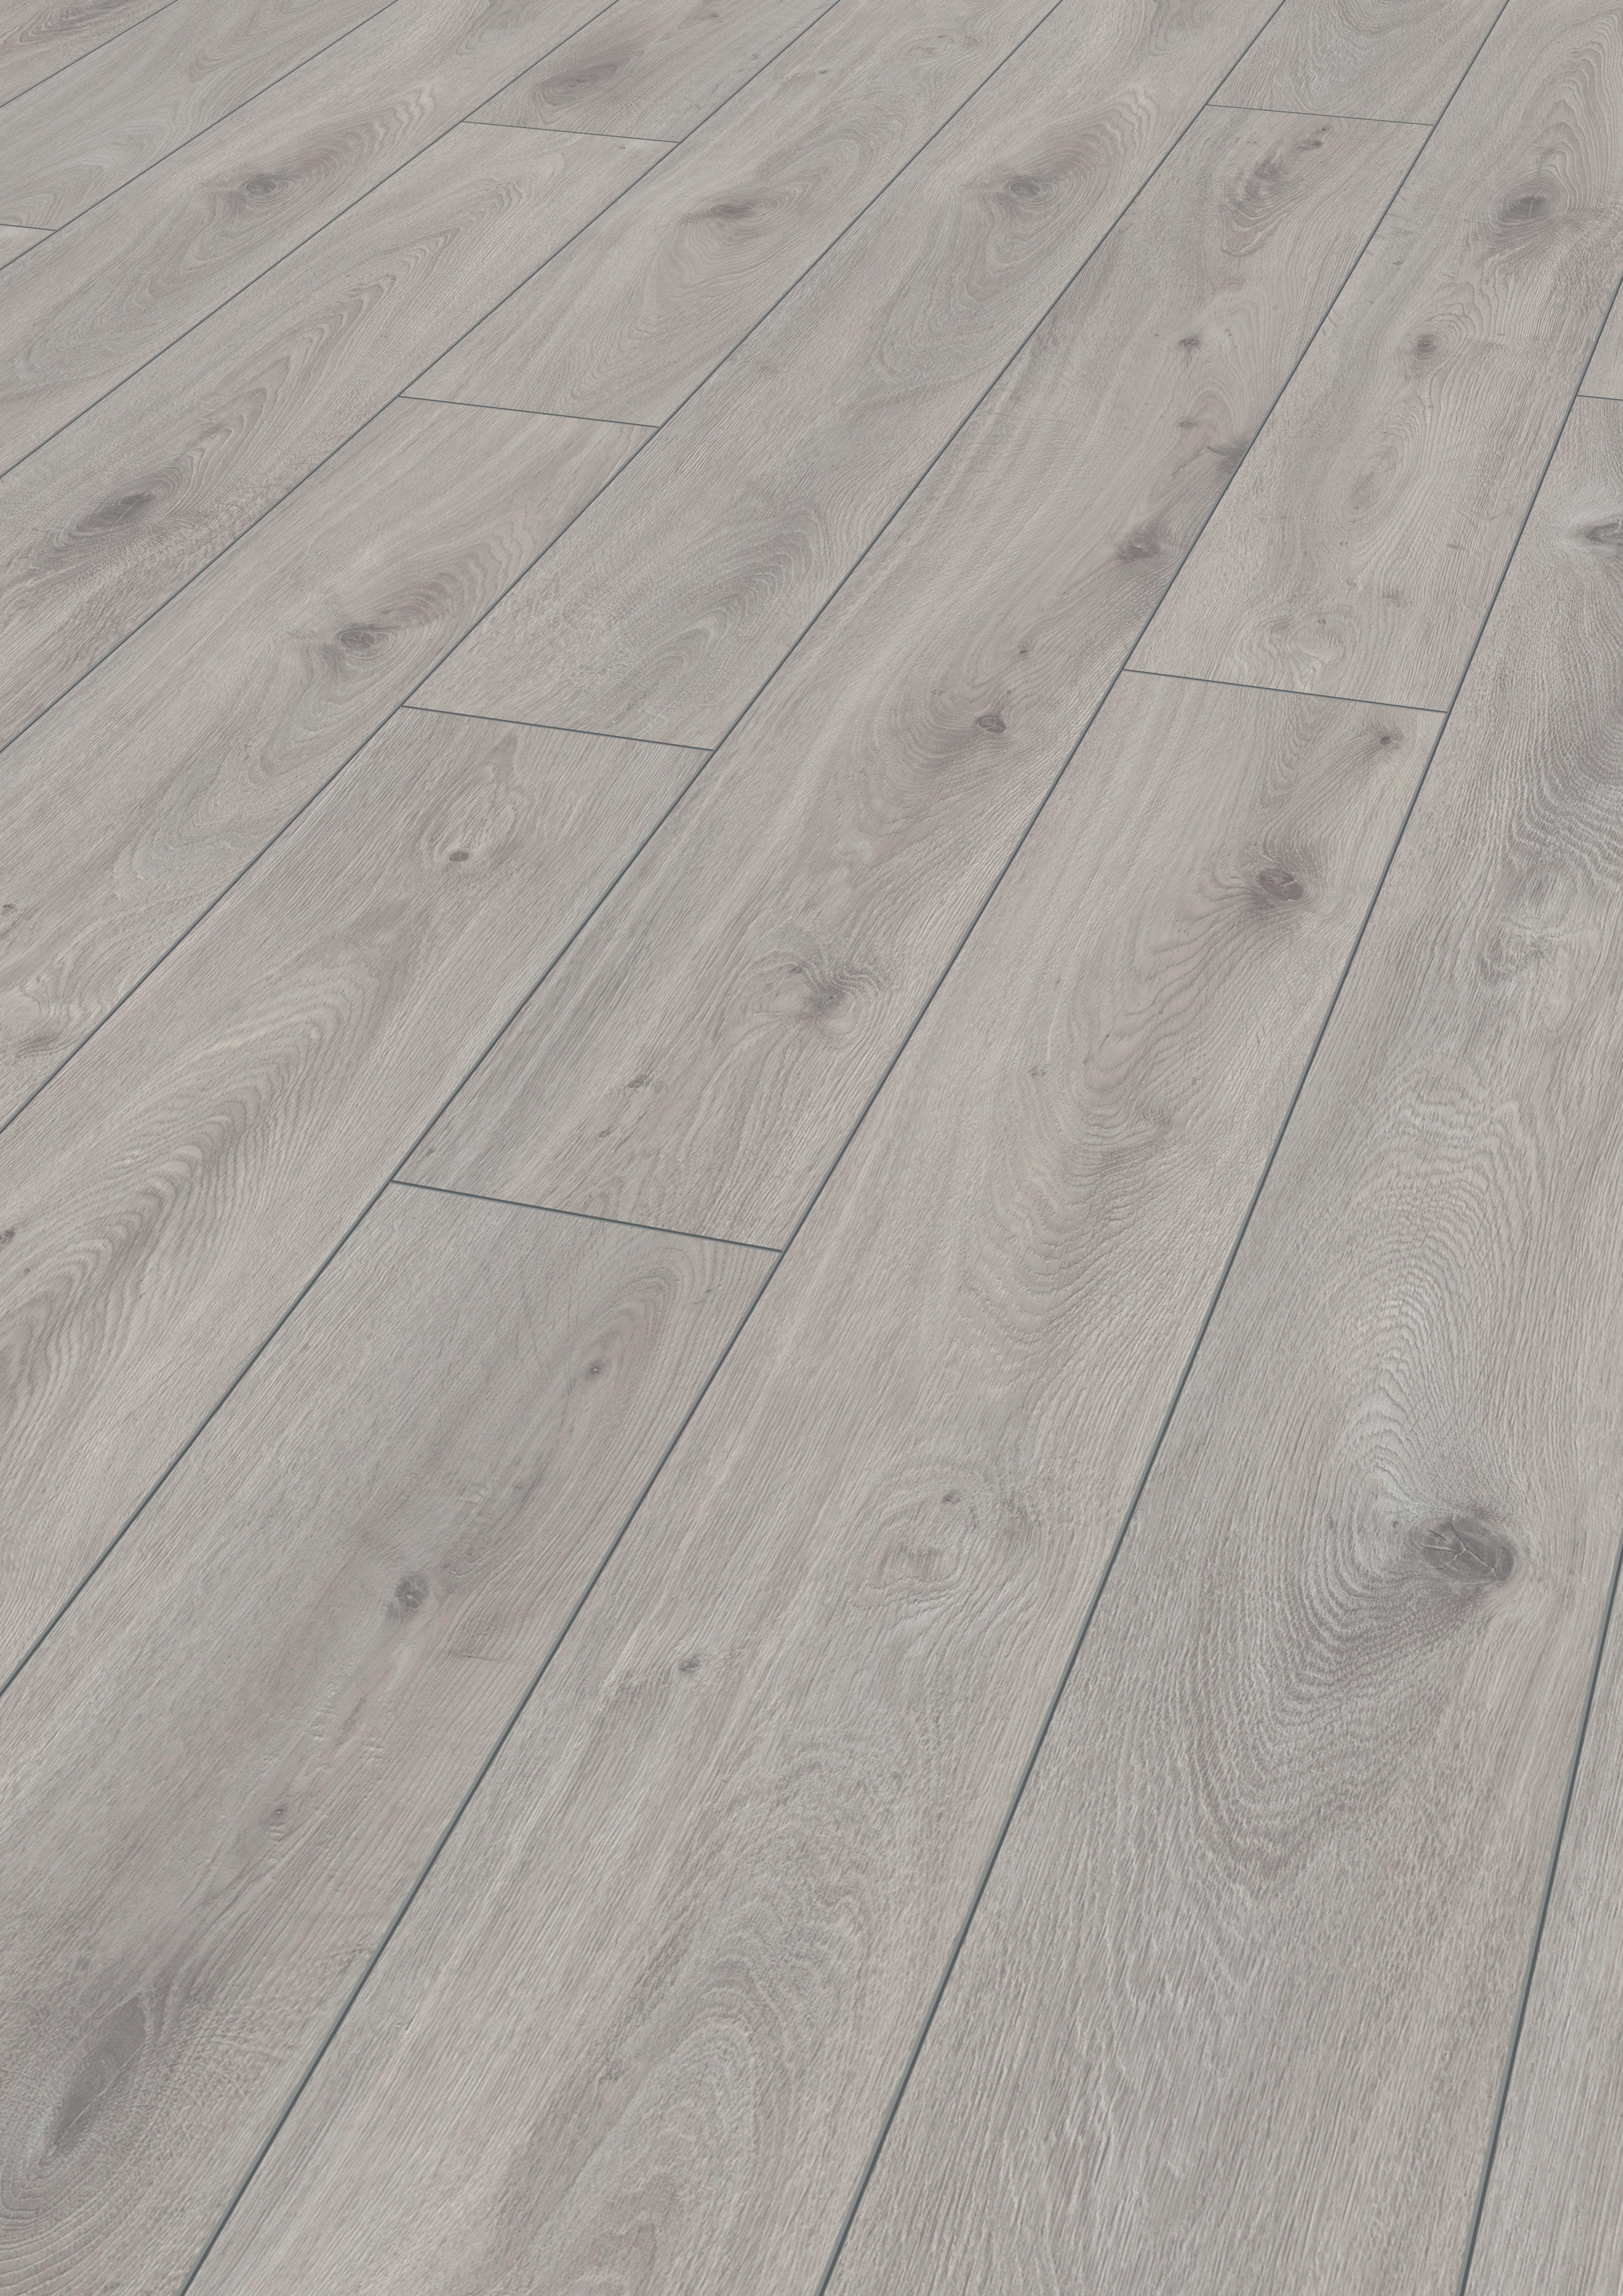 eng vintage smooth hardwood and natural oak flooring white back floor